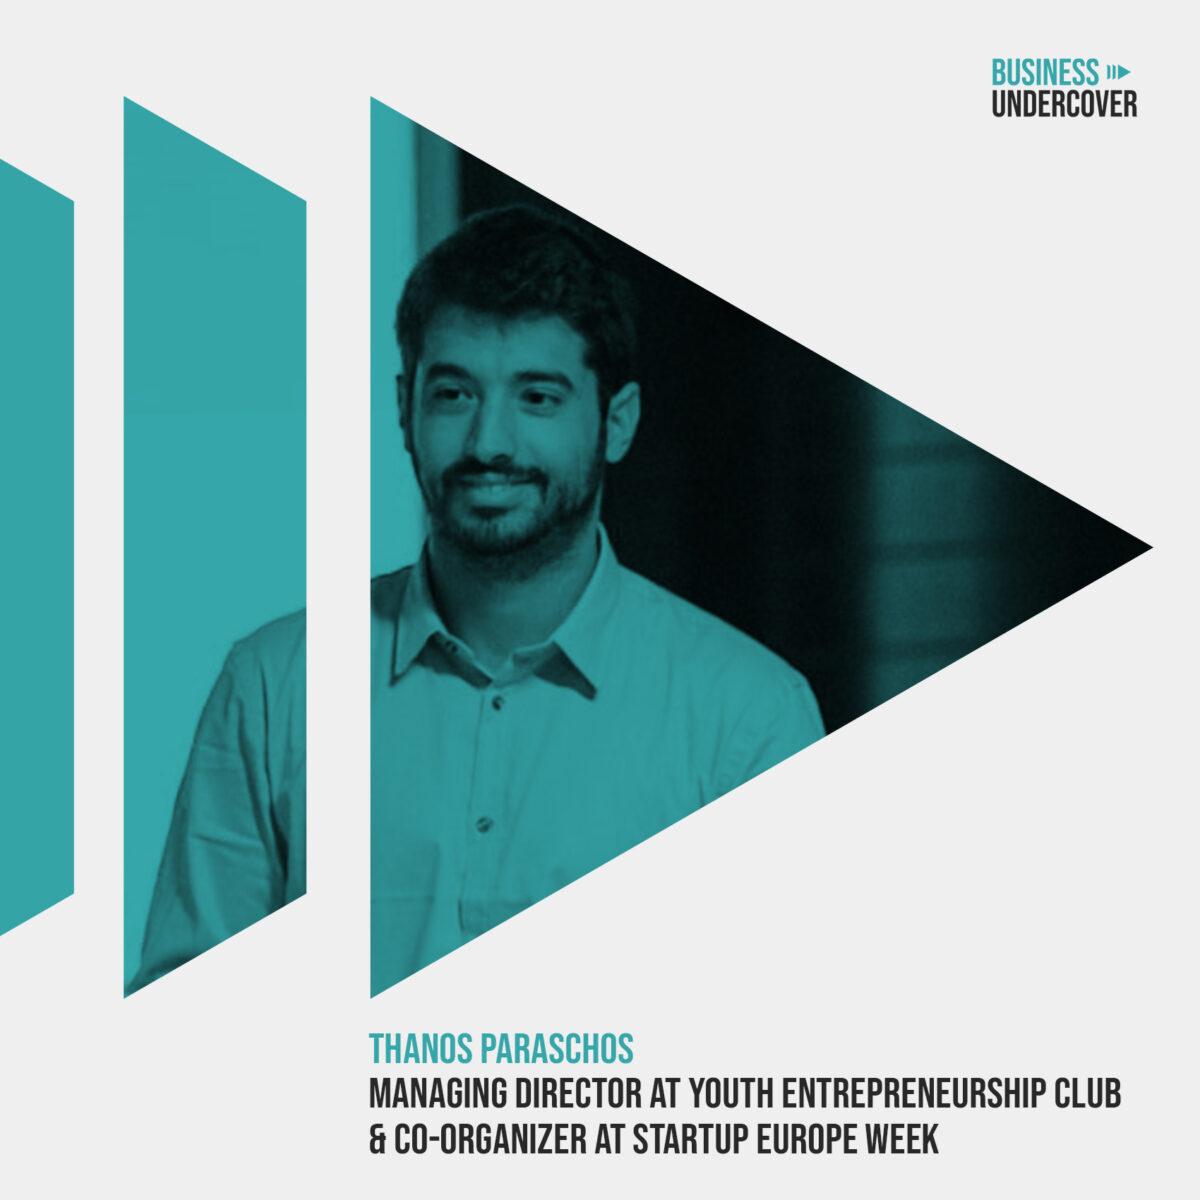 Ελληνικές Startups: Εμπειρίες & ιστορίες από έναν Έλληνα Startup-per — Θάνος Παράσχος